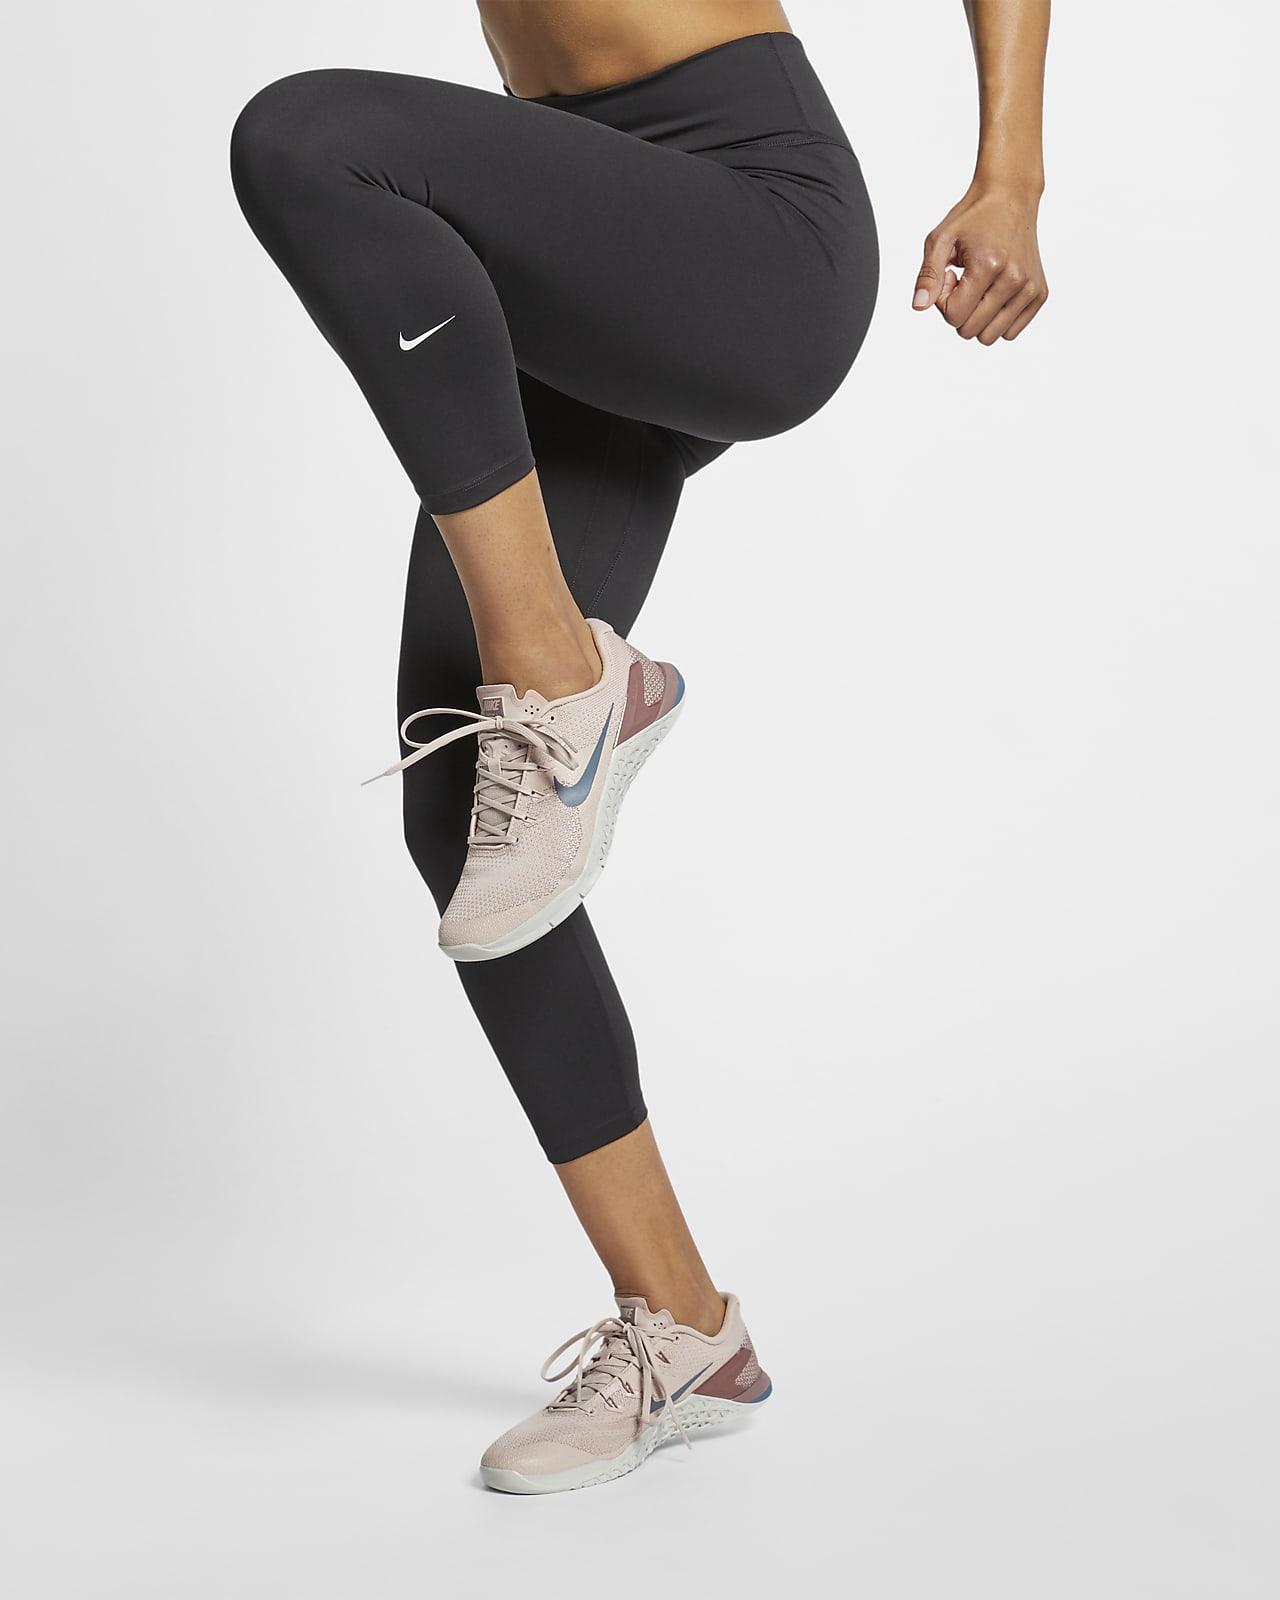 Nike One Normal Belli Bilek Üstü Kadın Taytı